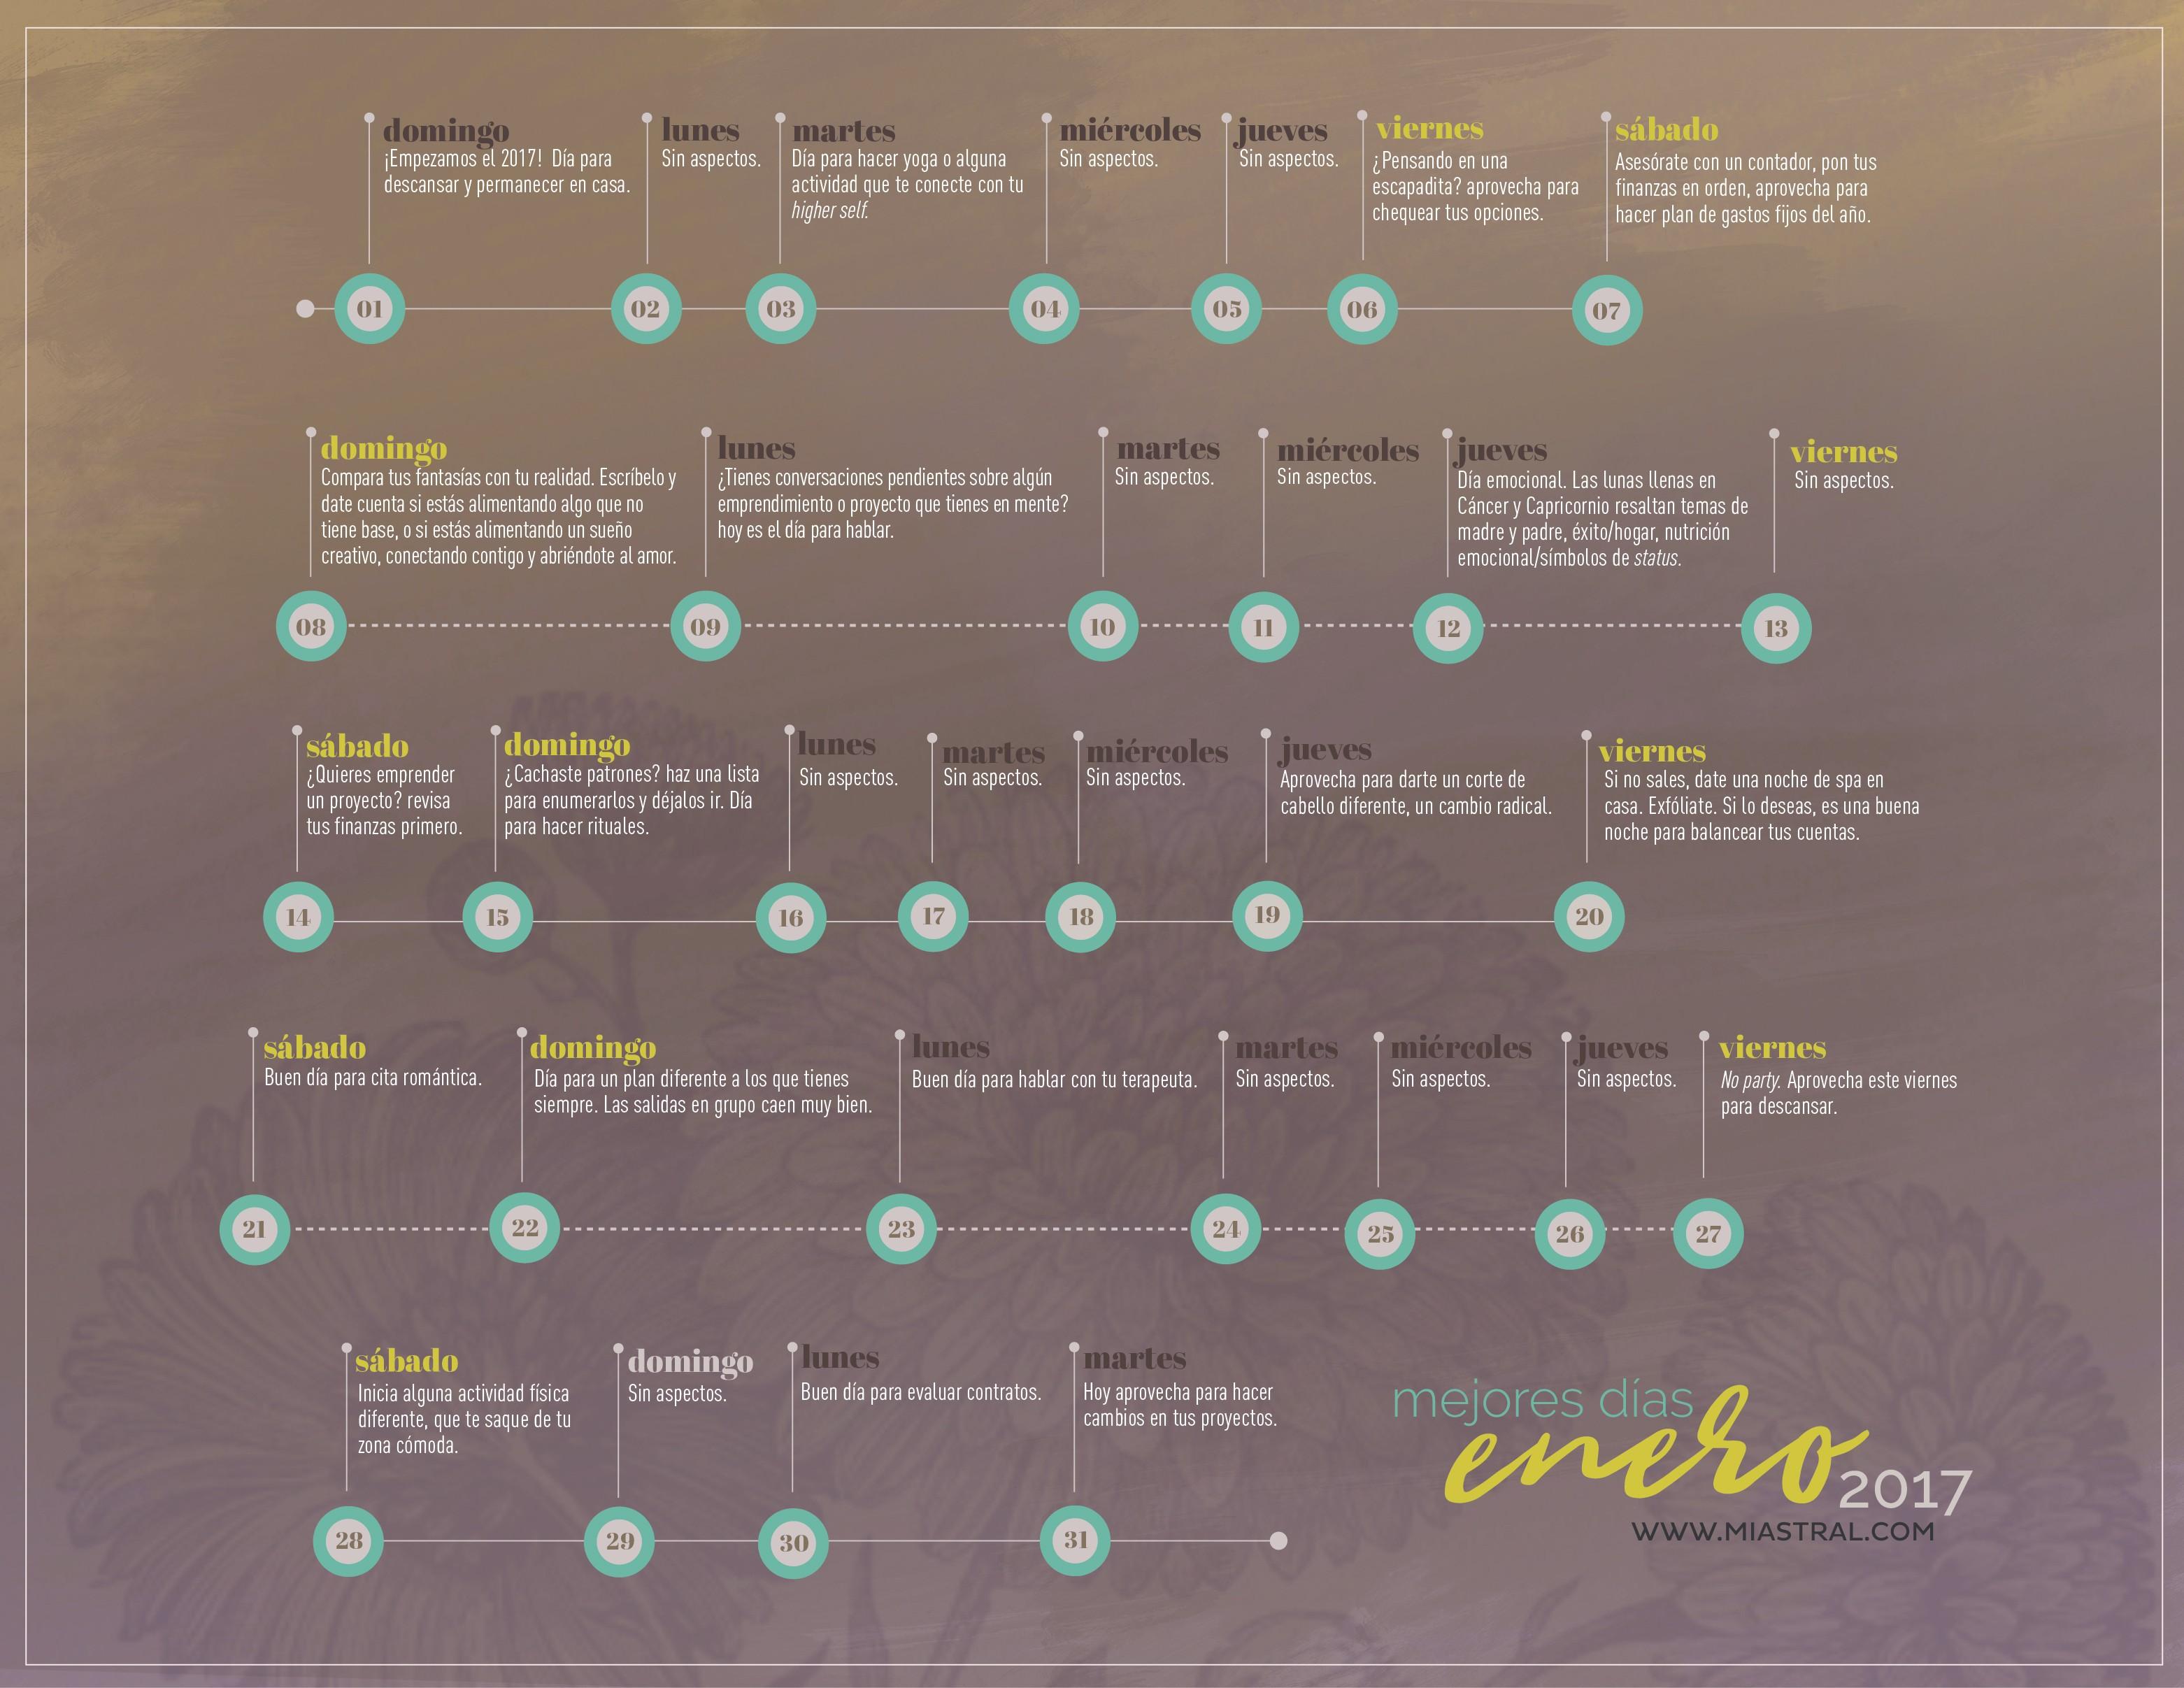 Calendario 2019 Para Imprimir Blanco Más Populares Calendarios Del Mes Kordurorddiner Of Calendario 2019 Para Imprimir Blanco Recientes Eur Lex R2447 En Eur Lex